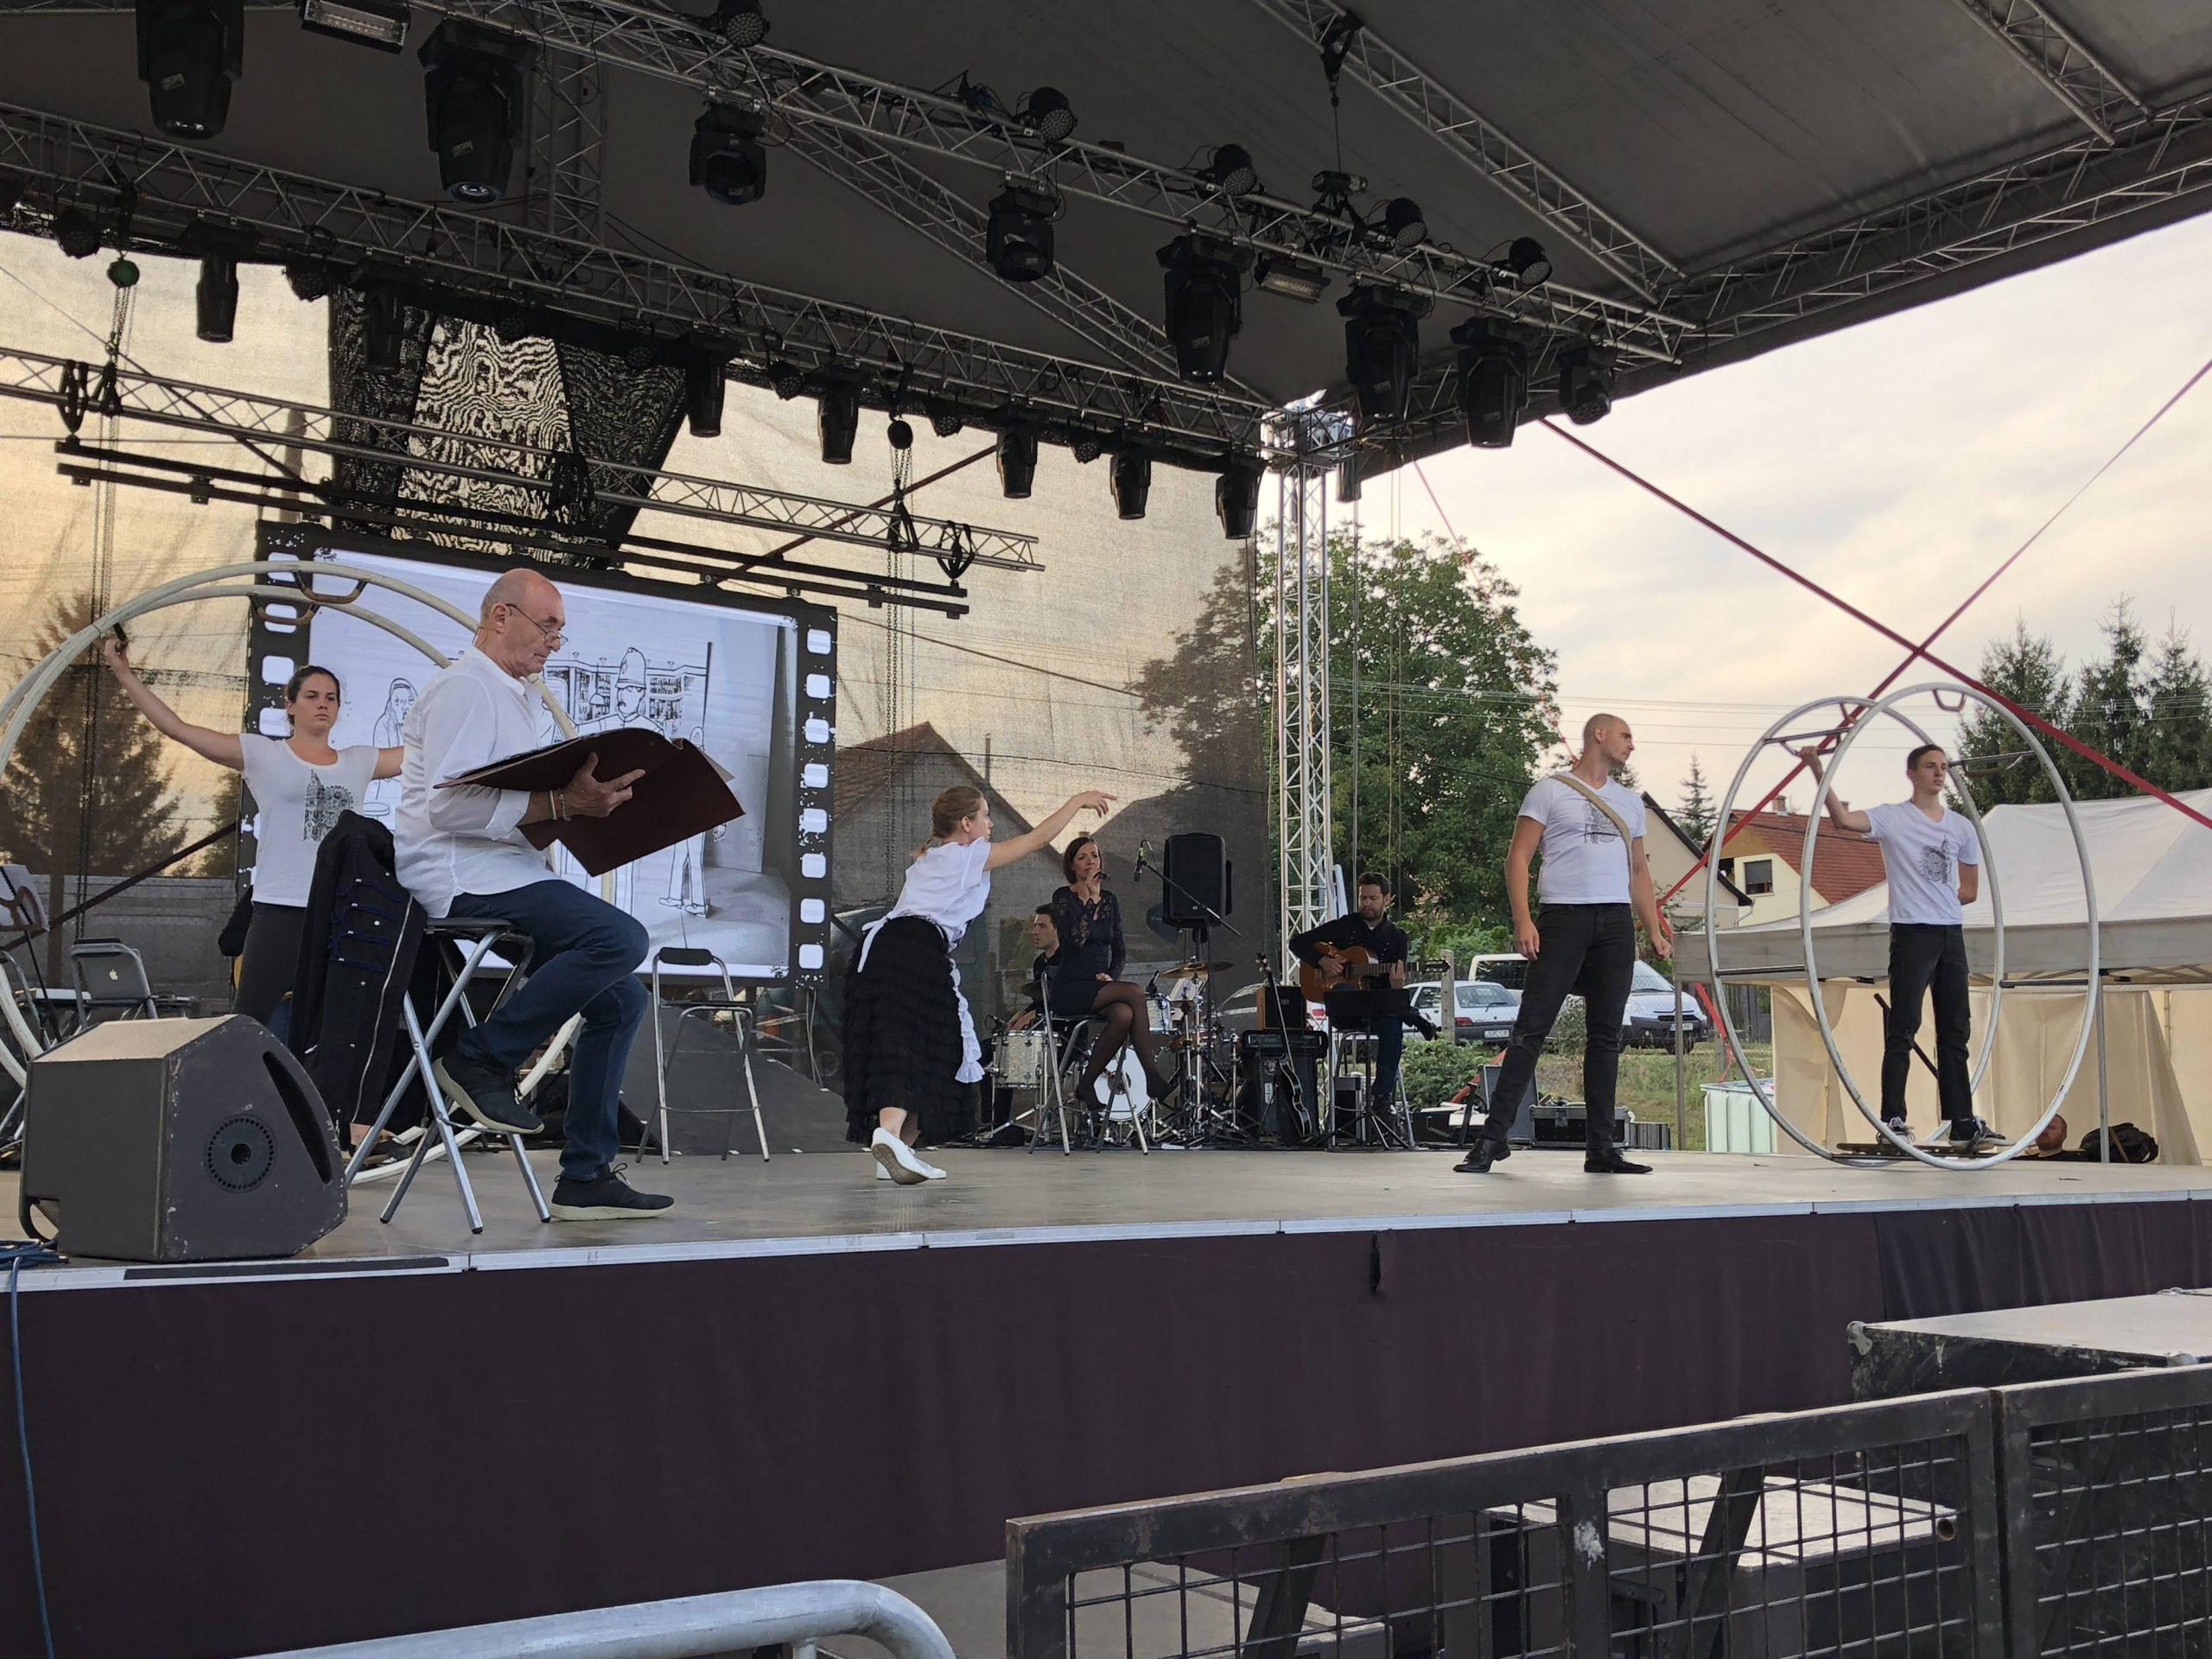 Interjú az Ezüstbojtárban résztvevő artistákkal és felkészítőjükkel